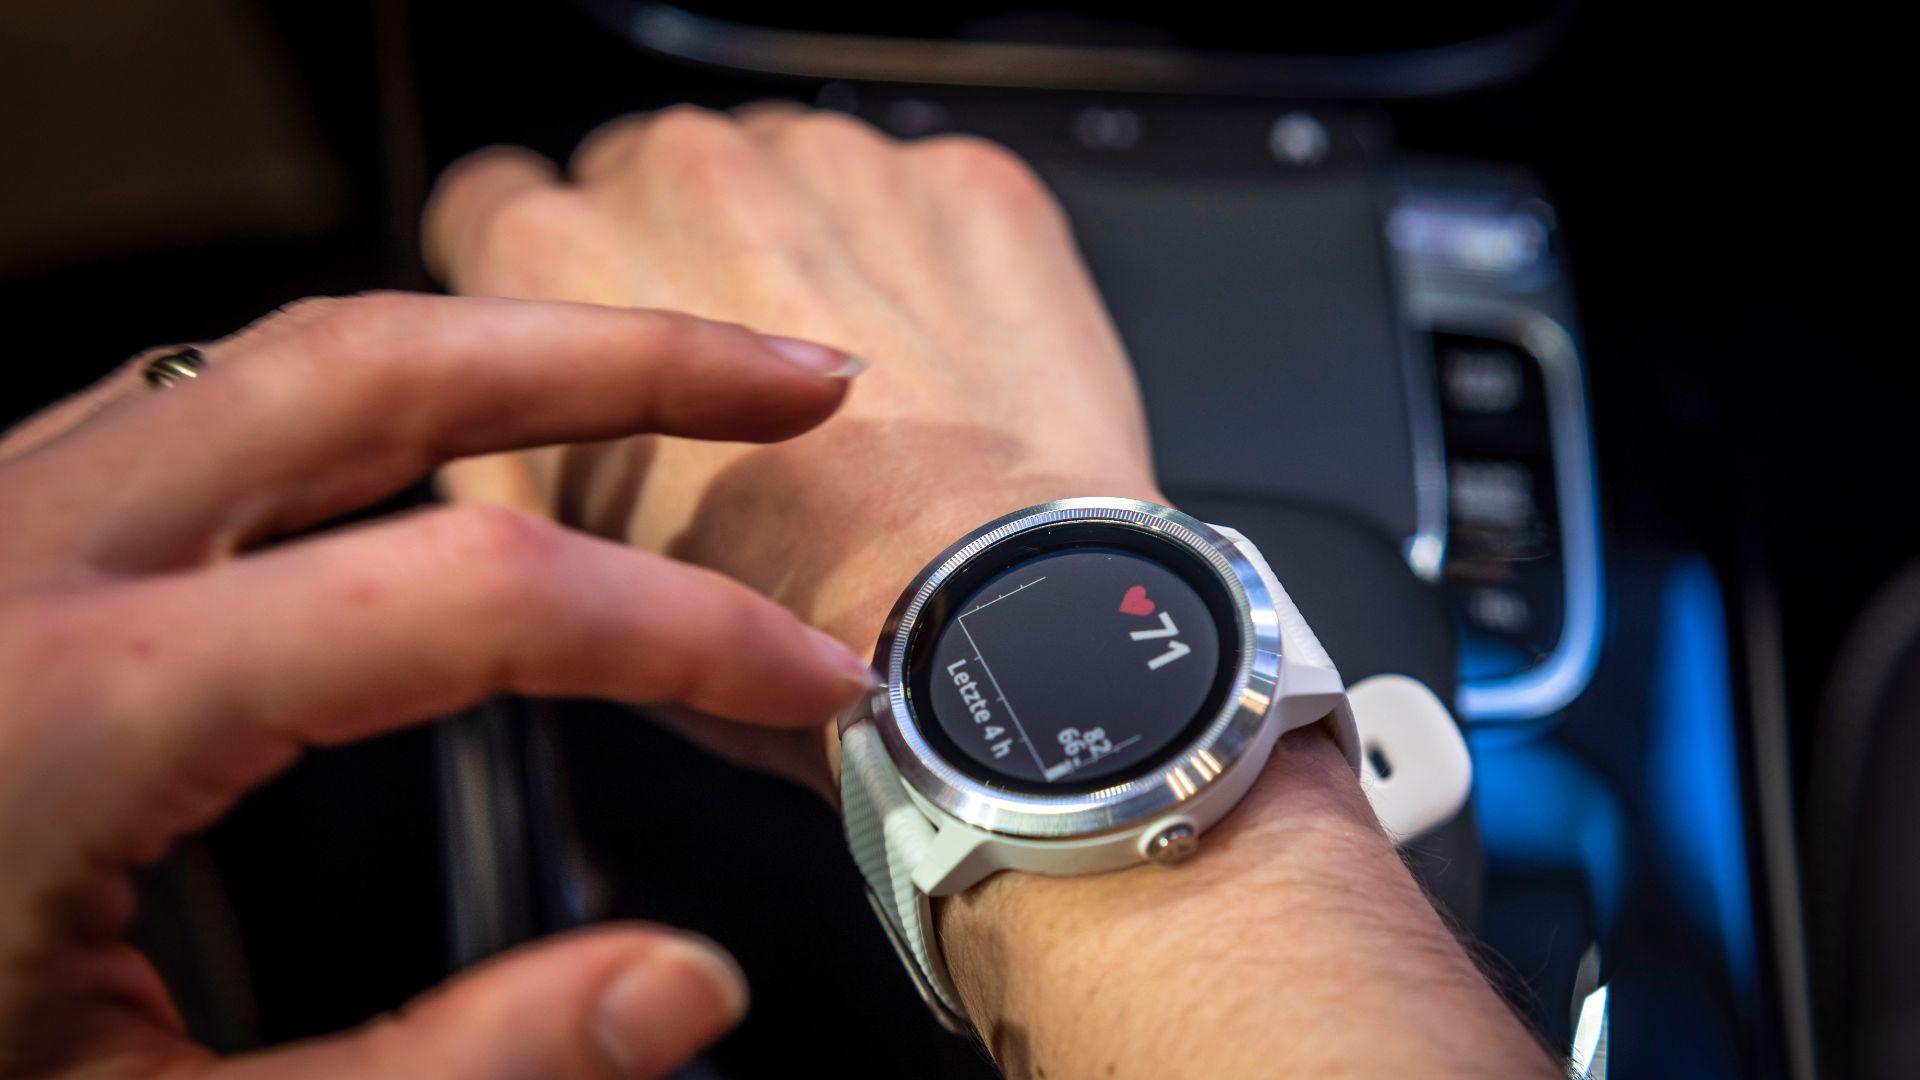 Mercedes Vivoactive 3 smart watch